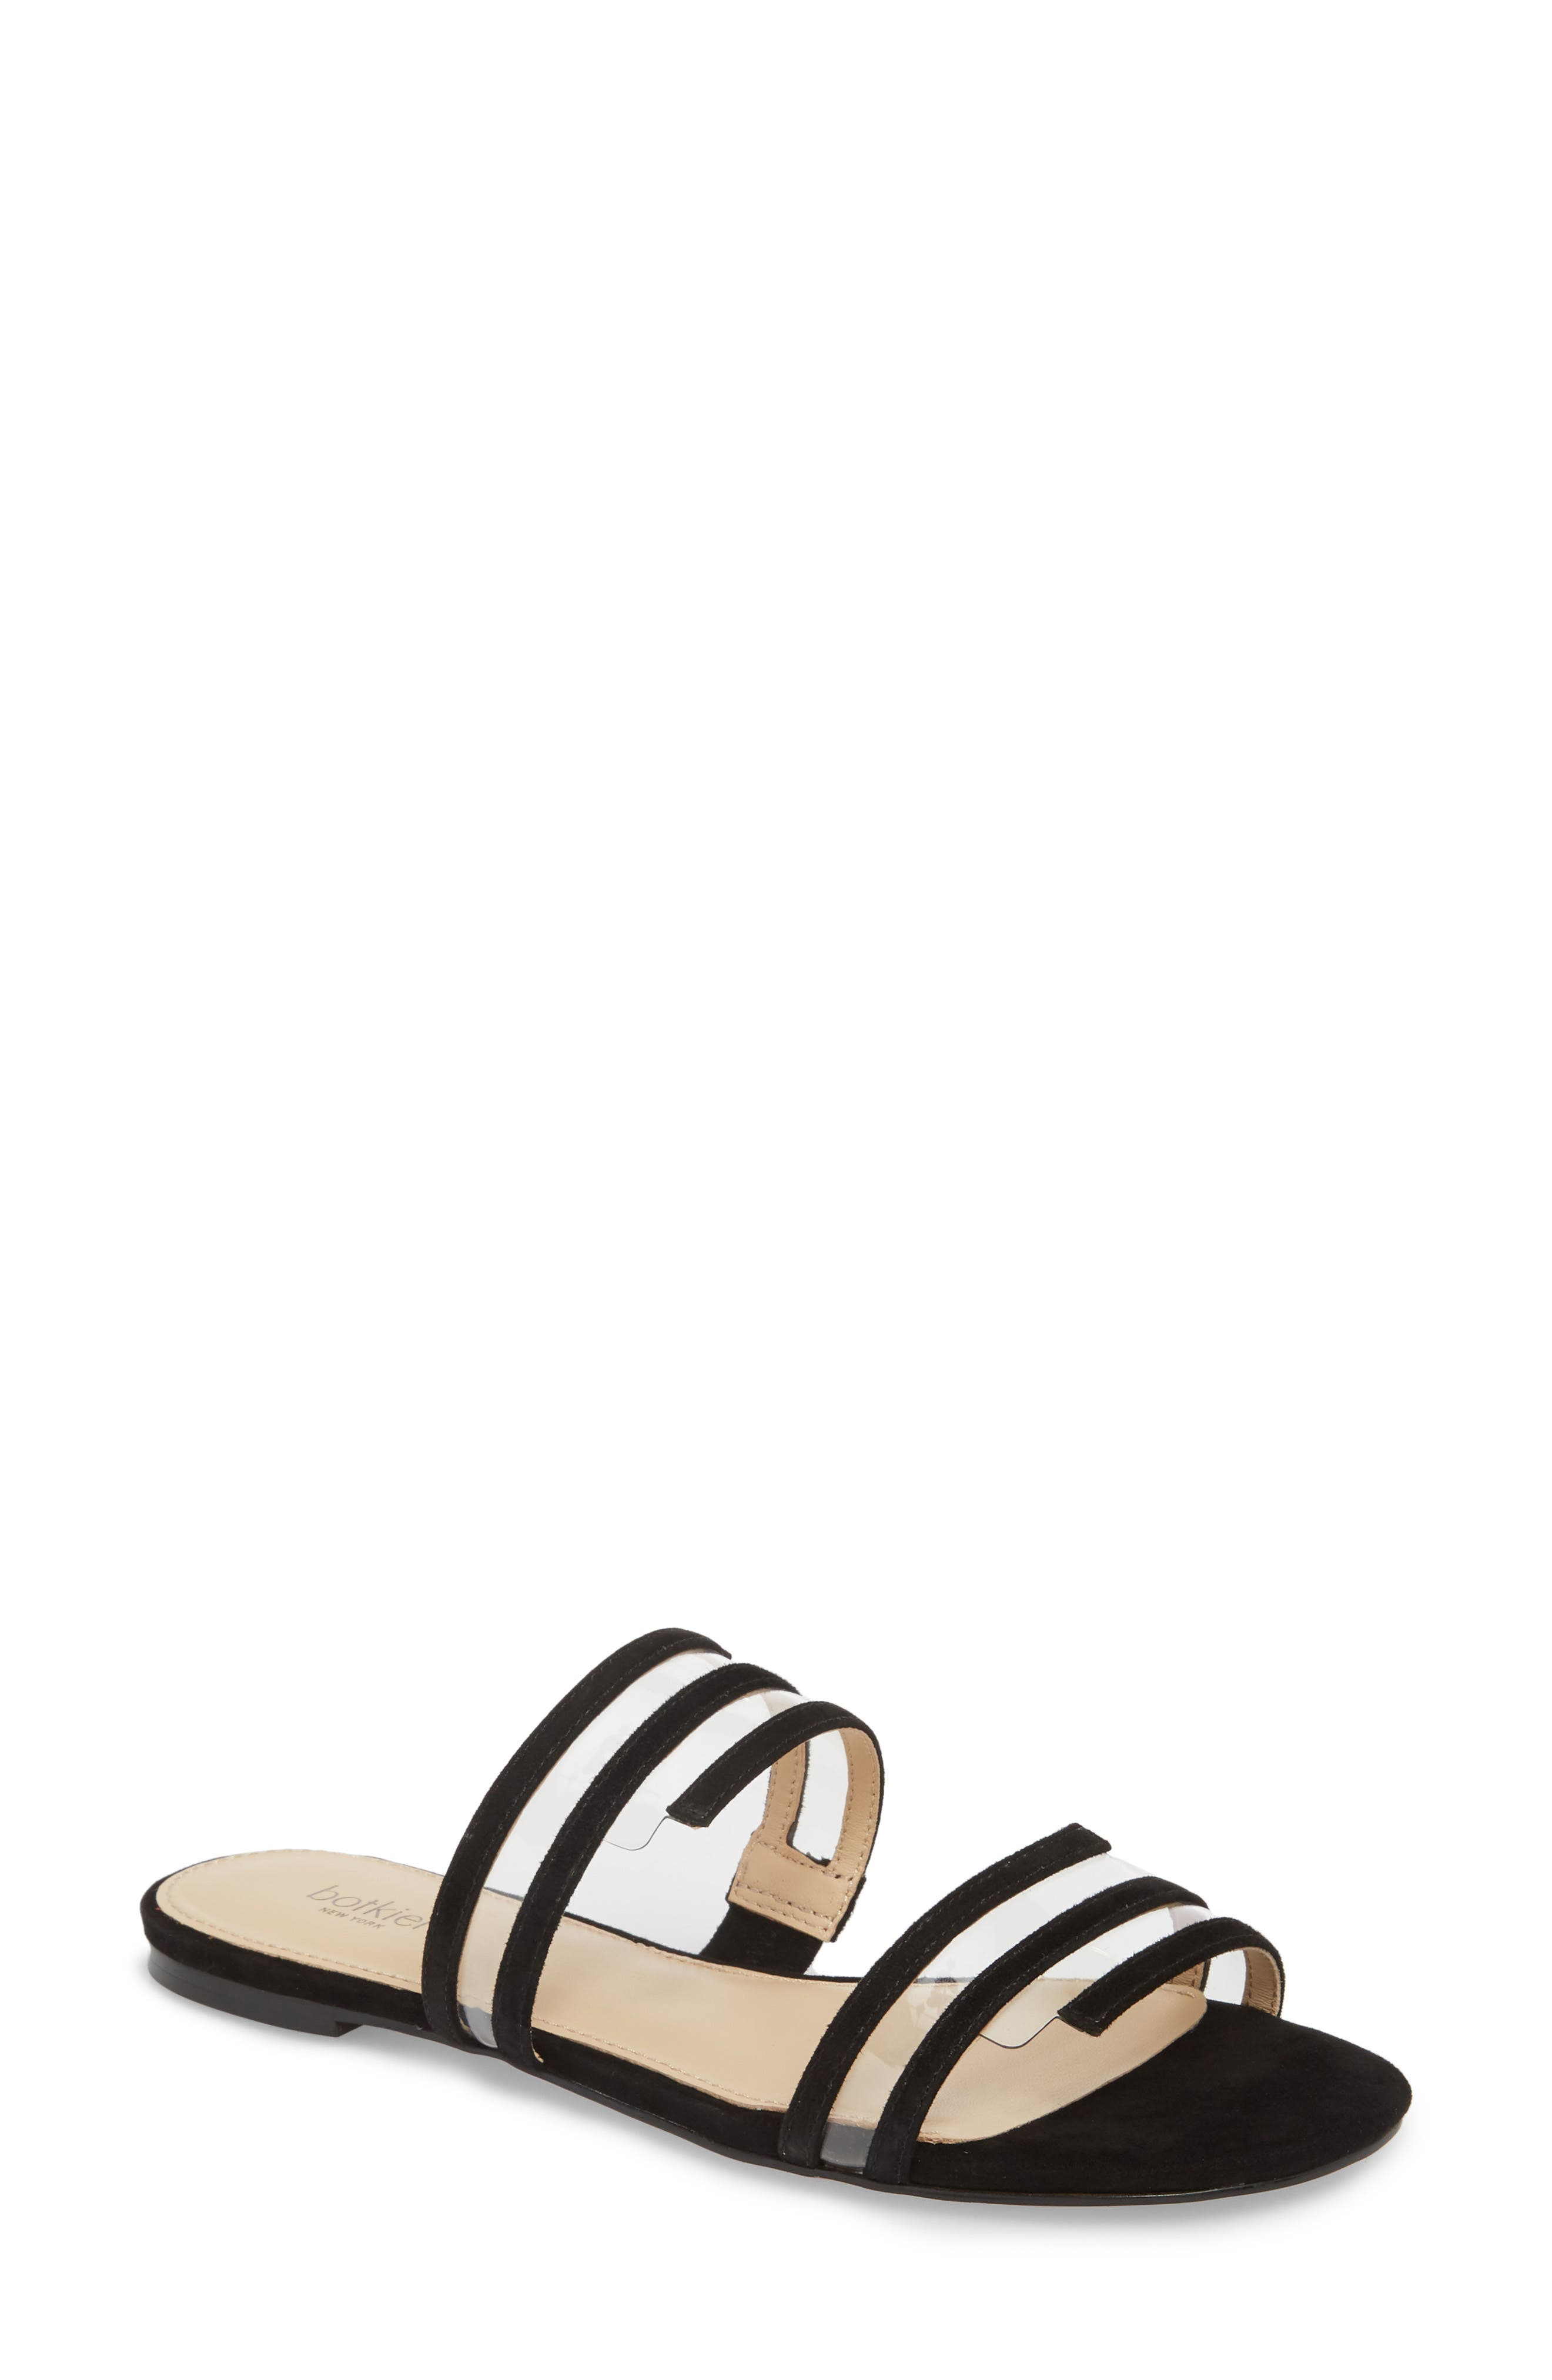 Maise Slide Sandal,                             Main thumbnail 1, color,                             BLACK SUEDE